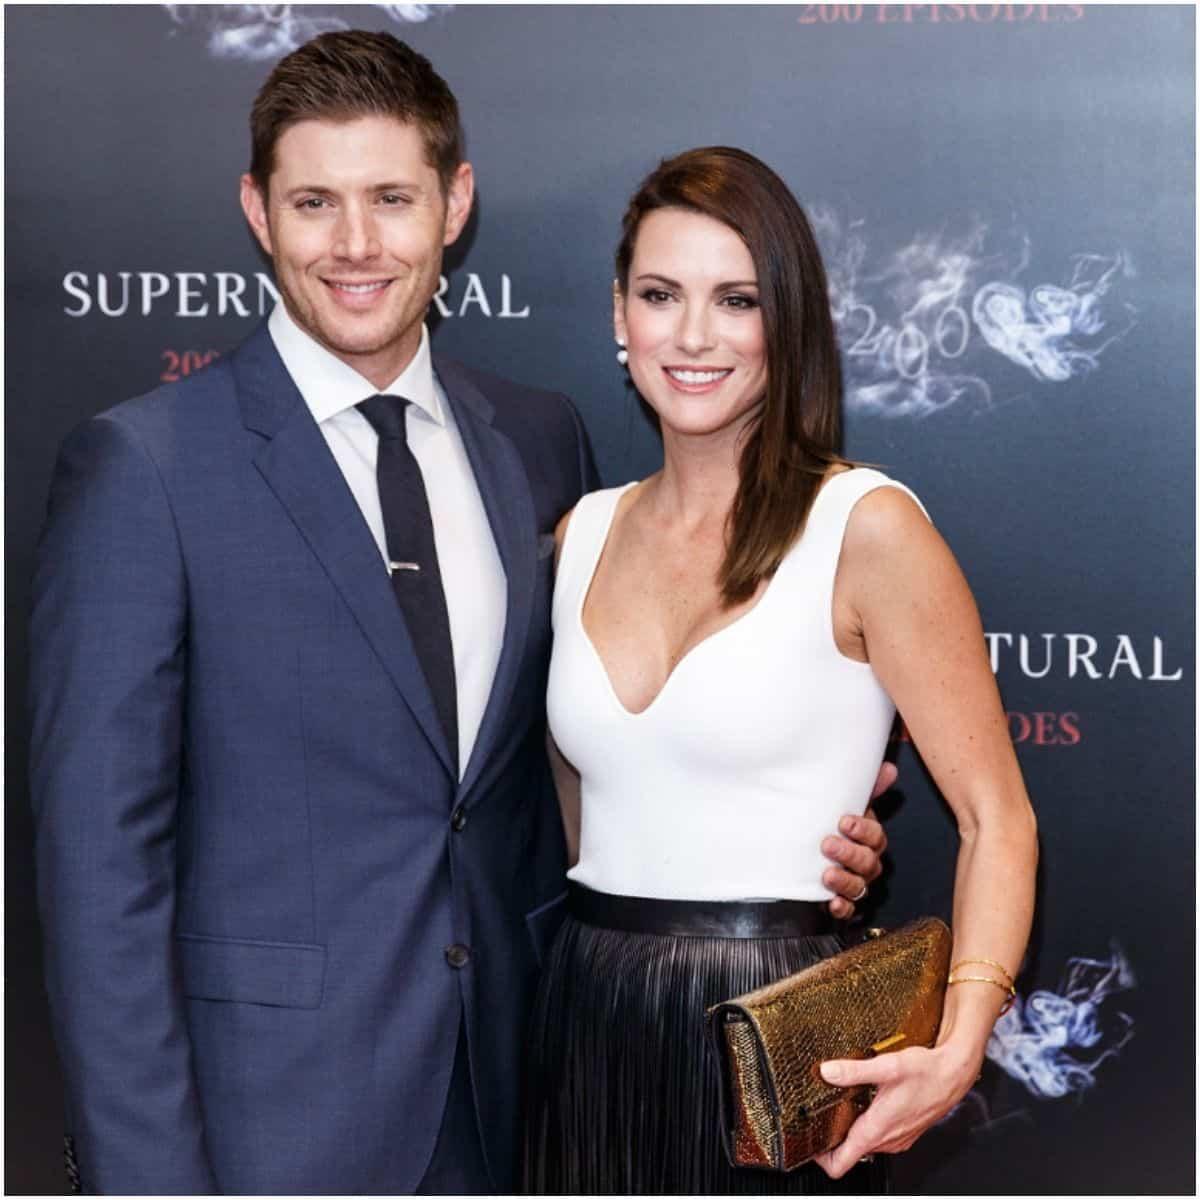 Danneel Ackles and husband Jensen Ackles